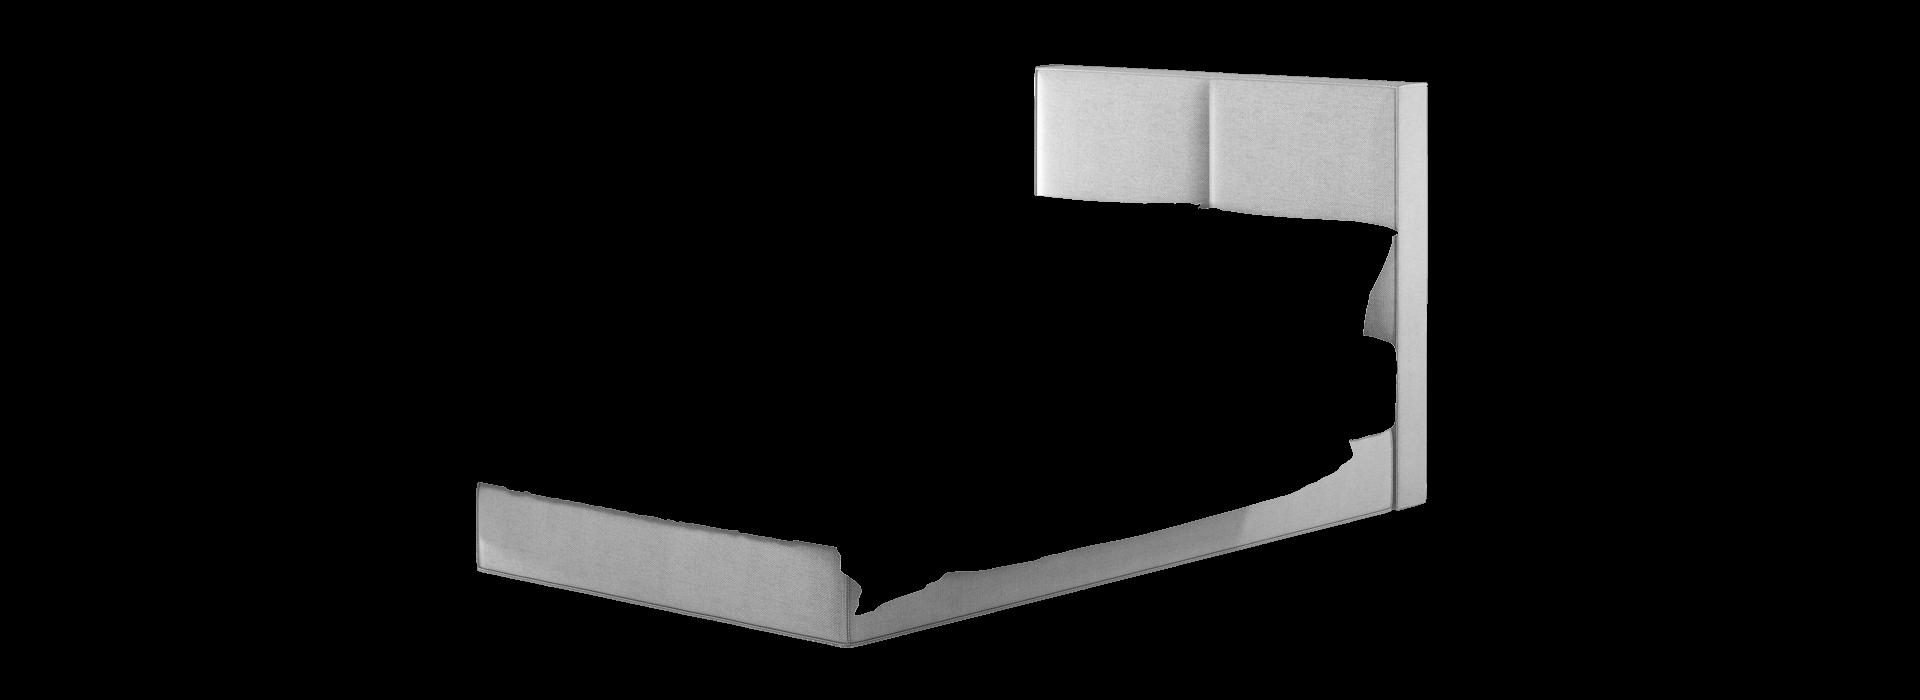 Фрея 1.2 ліжко з підйомником - маска 6